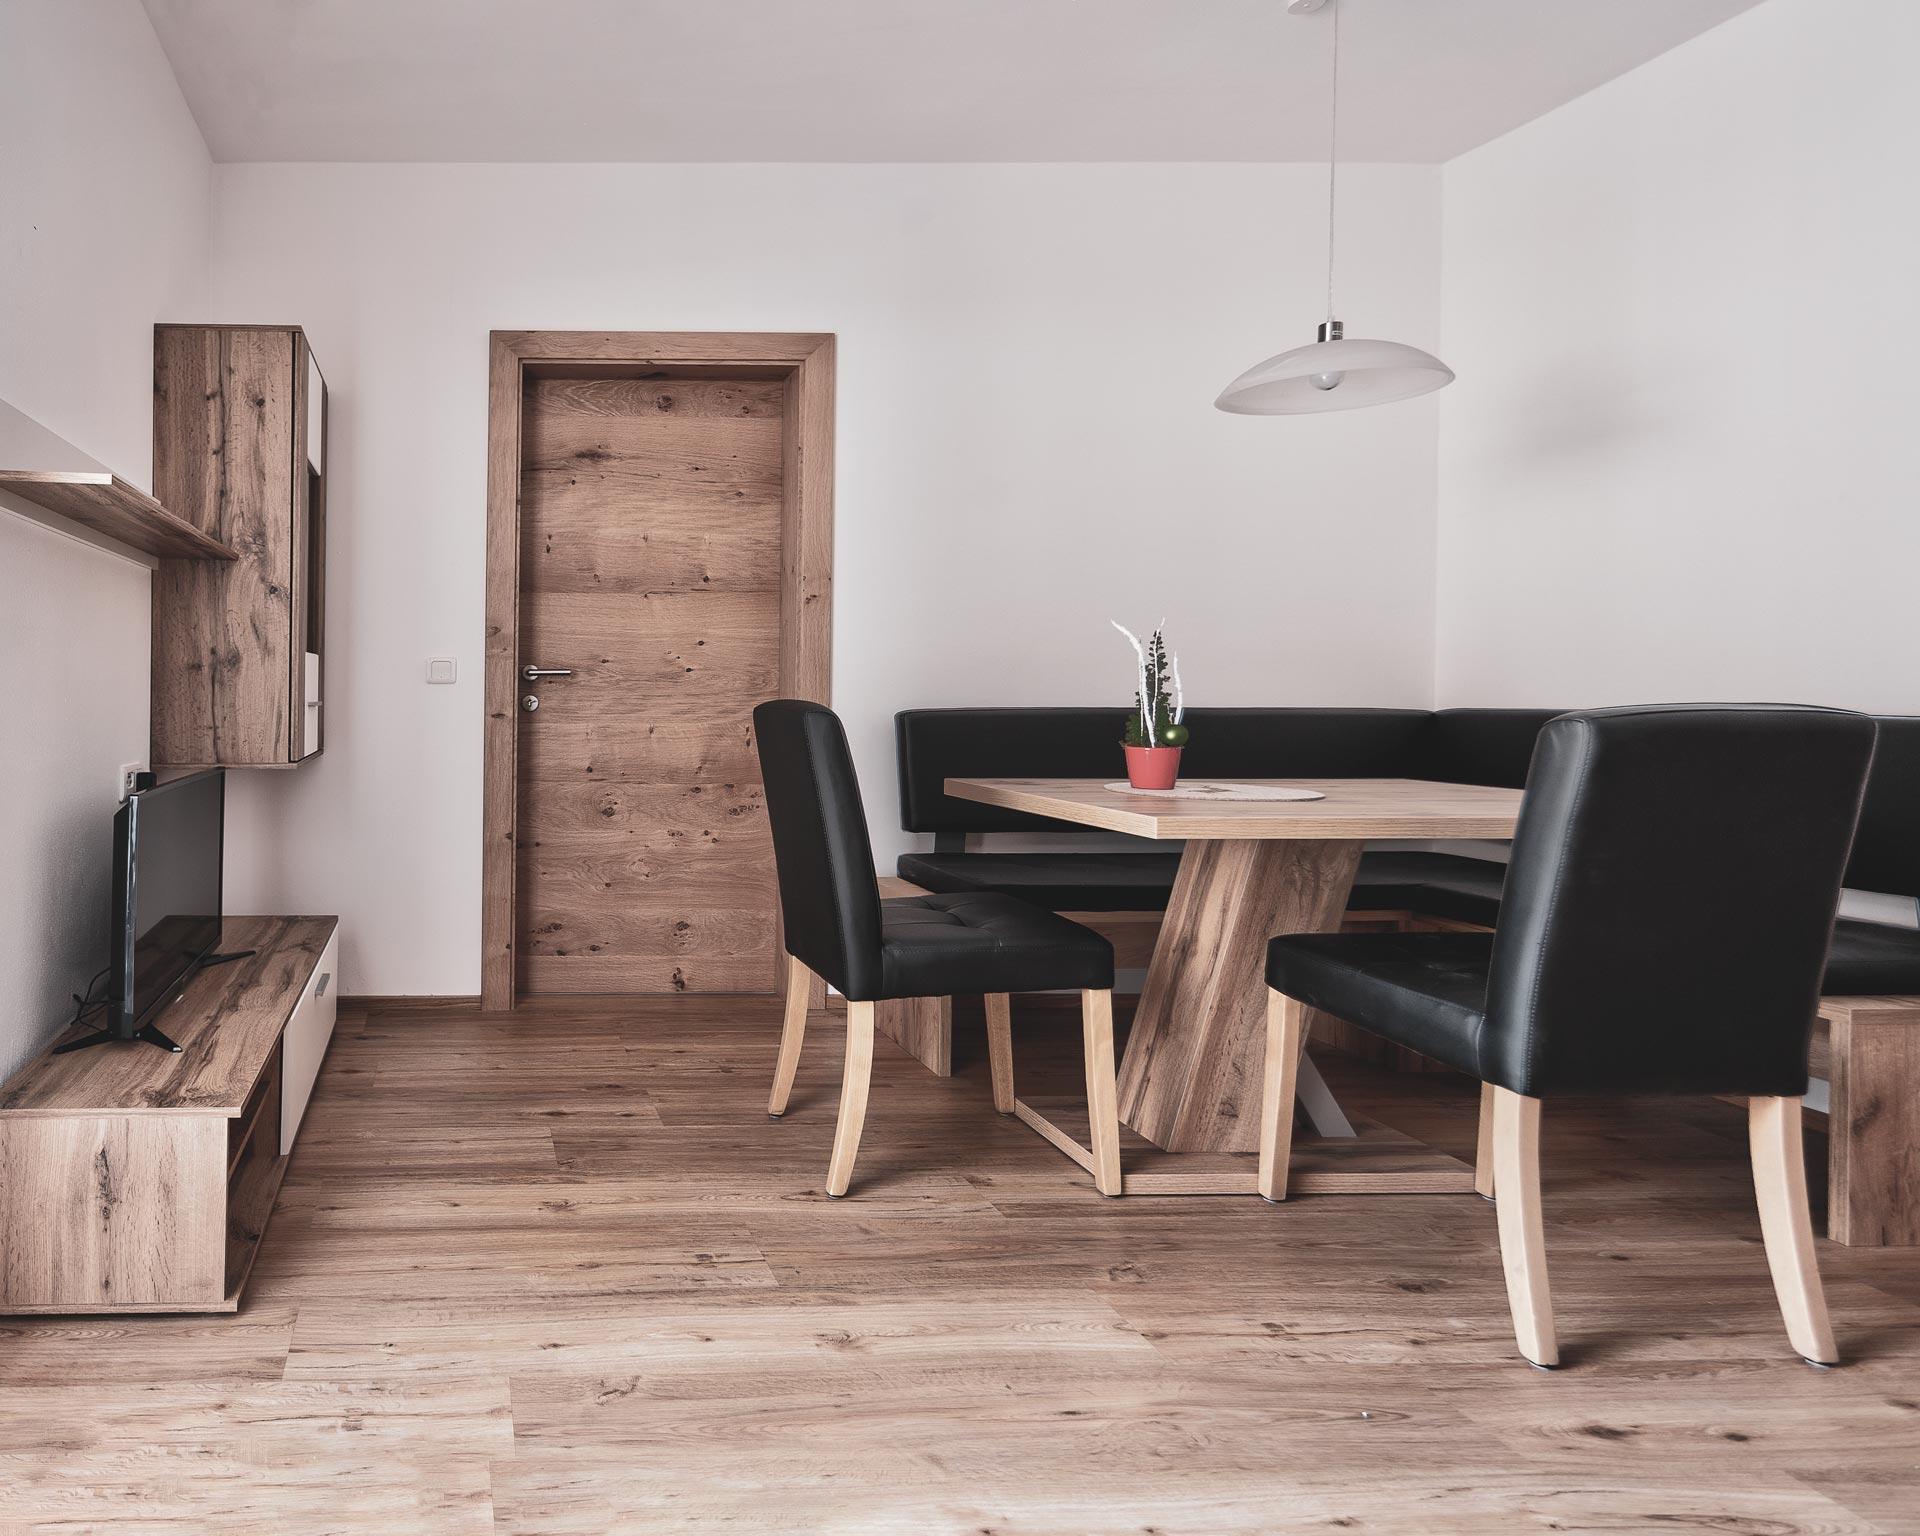 esstisch wohnkueche appartement ahrntal pfarrwirt sand in taufers